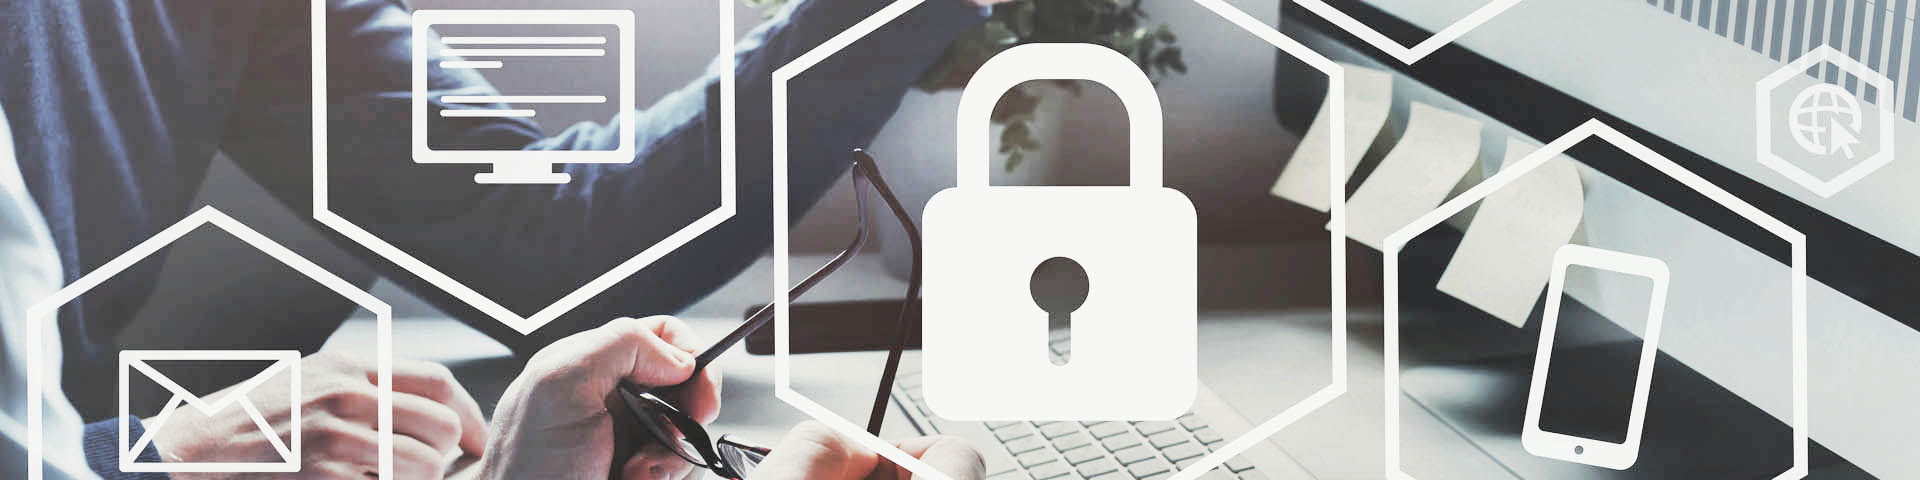 Erstberatung Datenschutz im Unternehmen